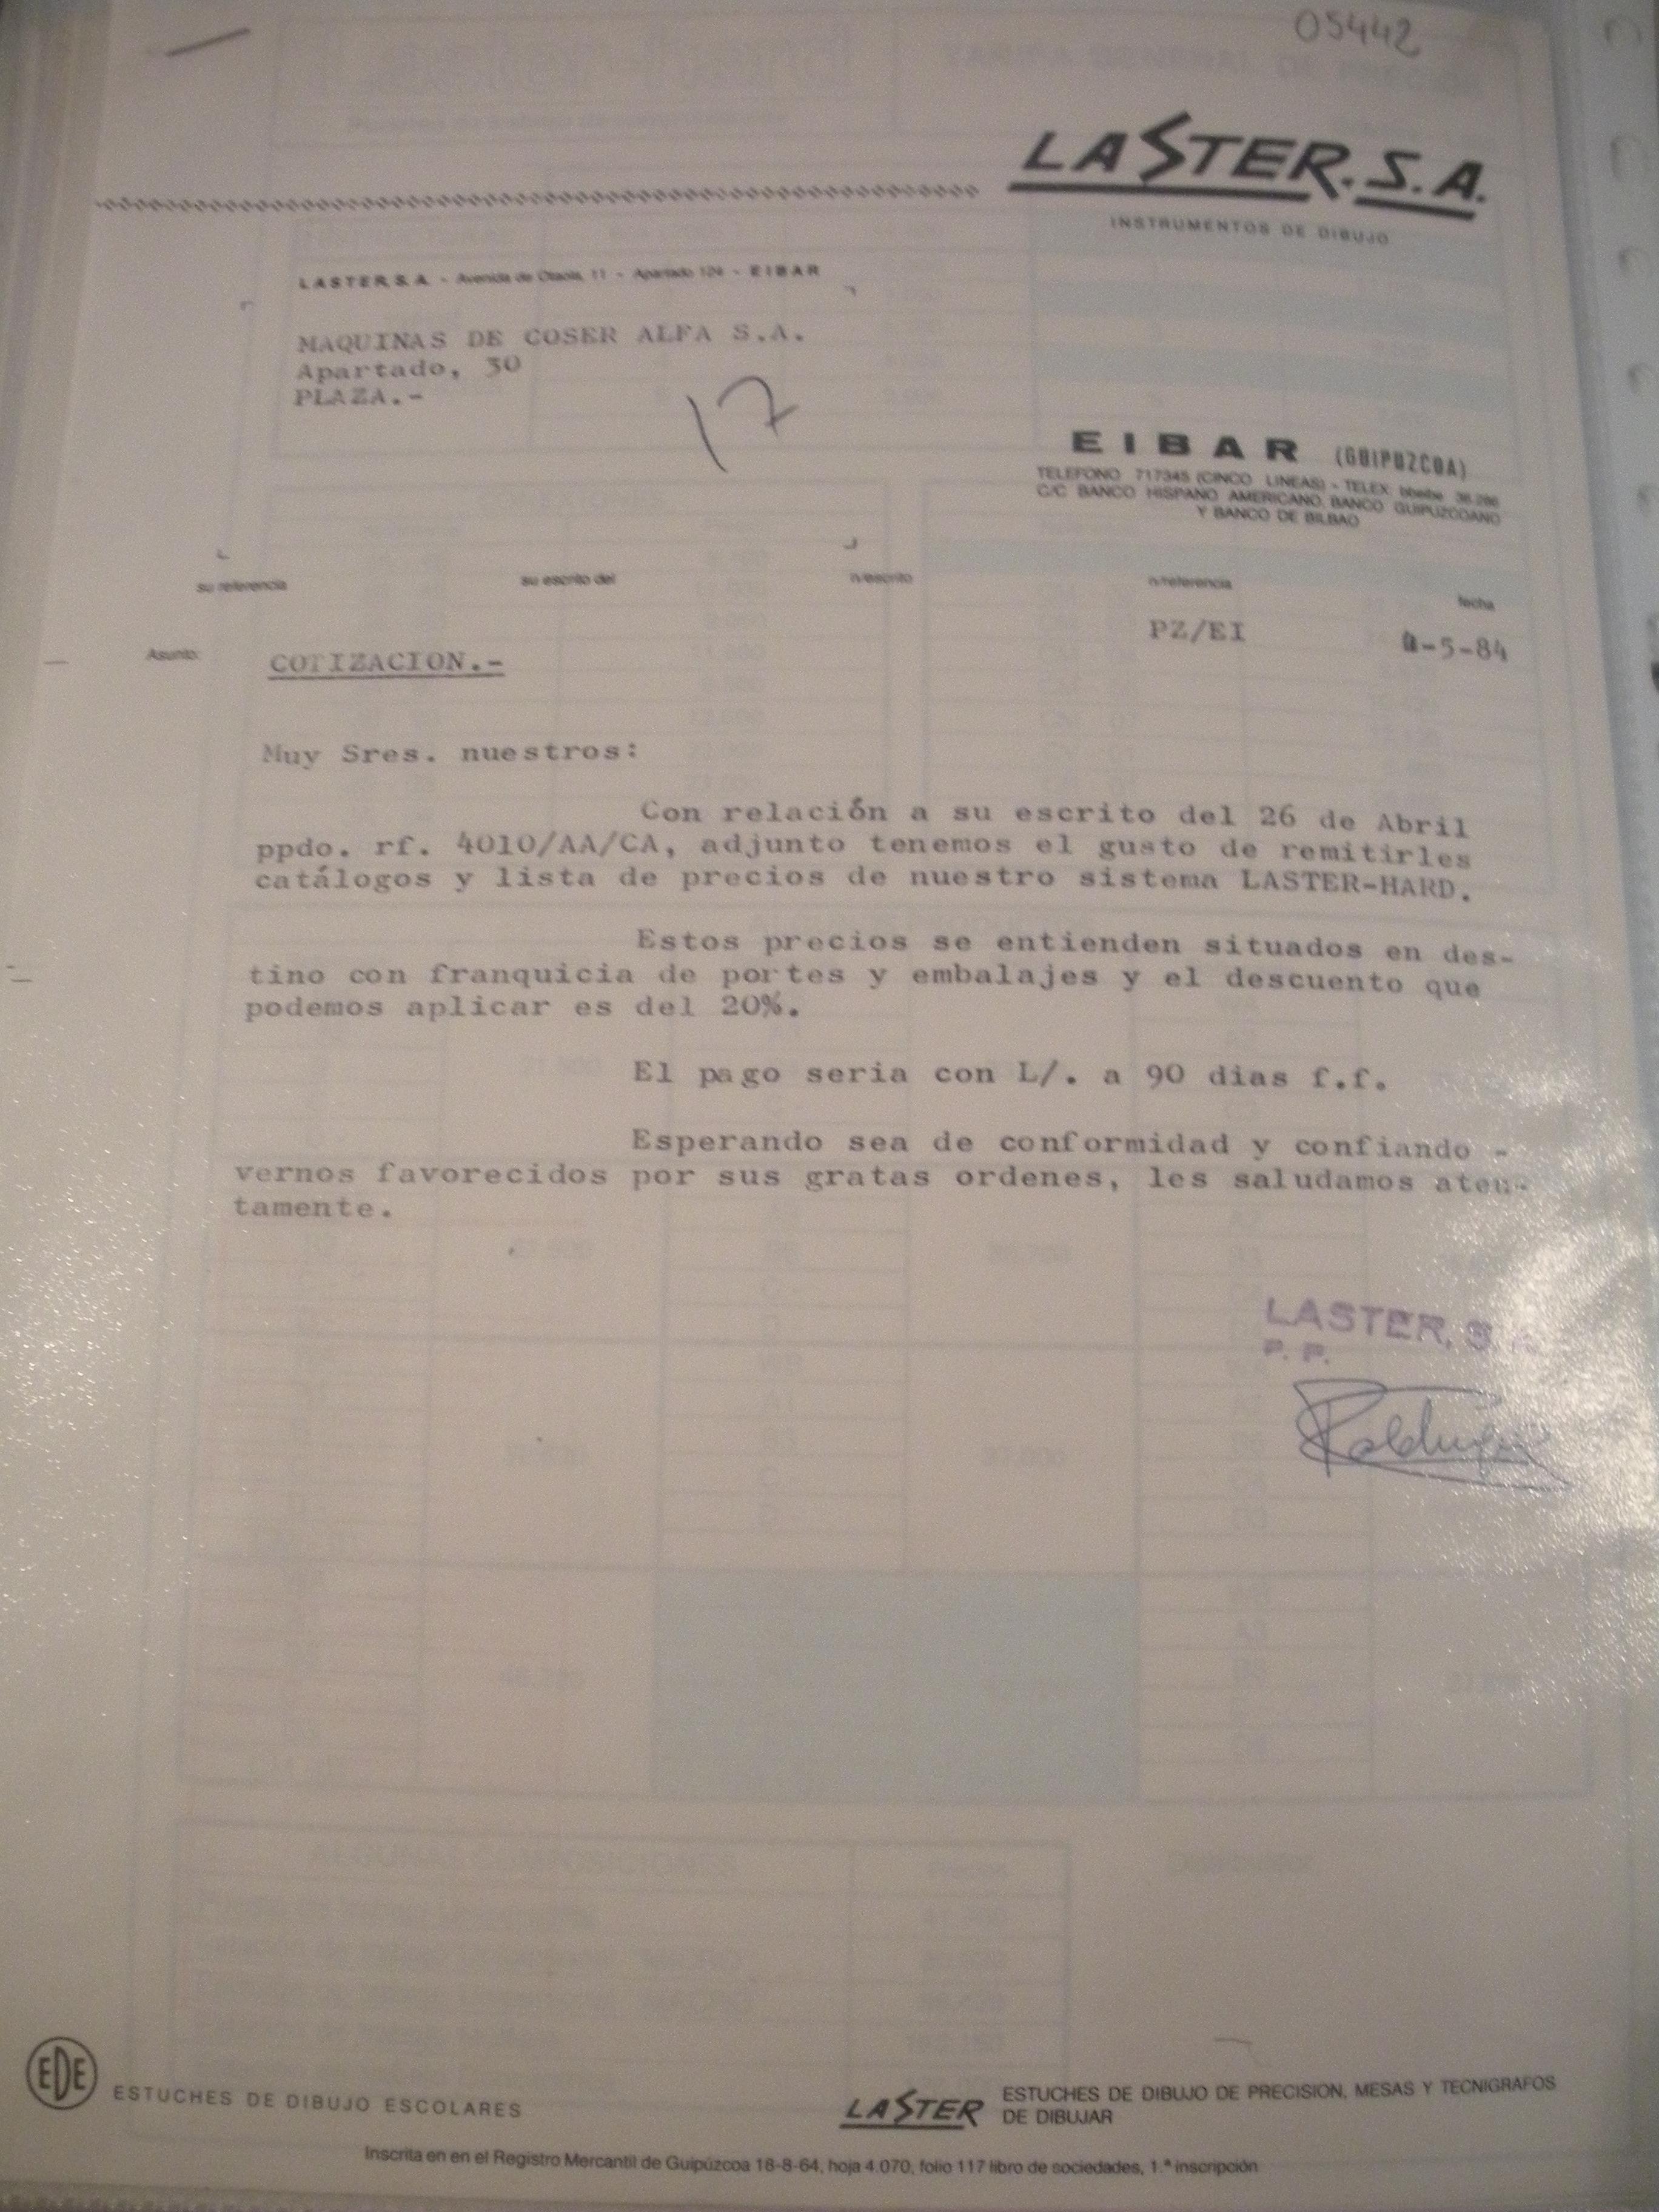 CARTA DE LASTER, S.A. PARA ALFA